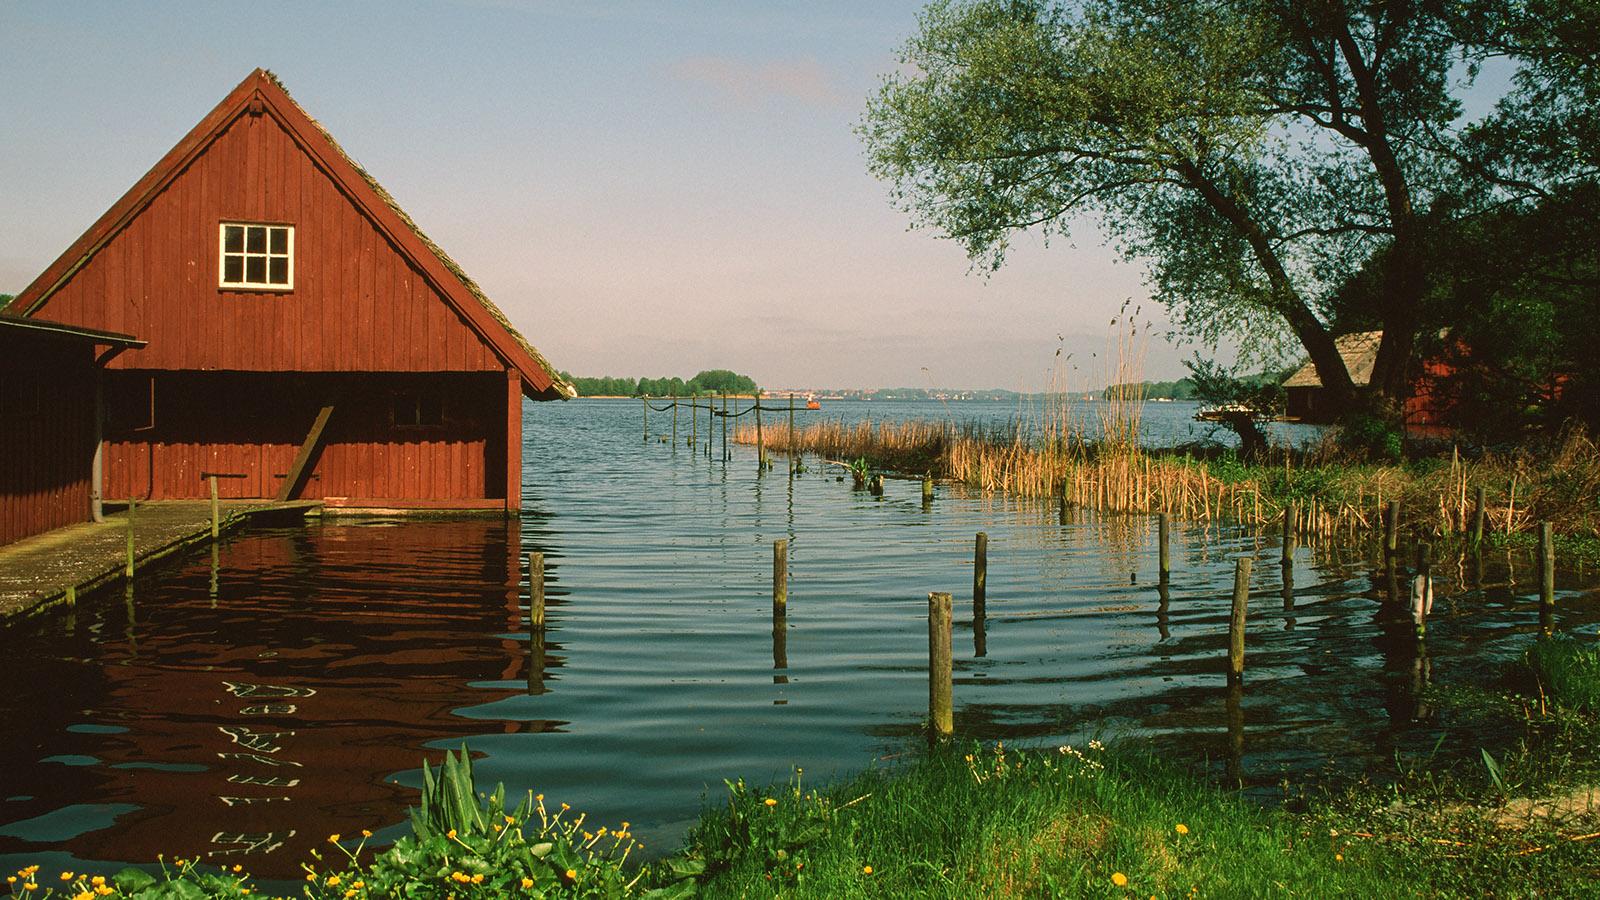 Wildes Mecklenburg, Schwerin-Mueß: Bootshaus am Großen Schweriner See. Foto: Hilke Maunder